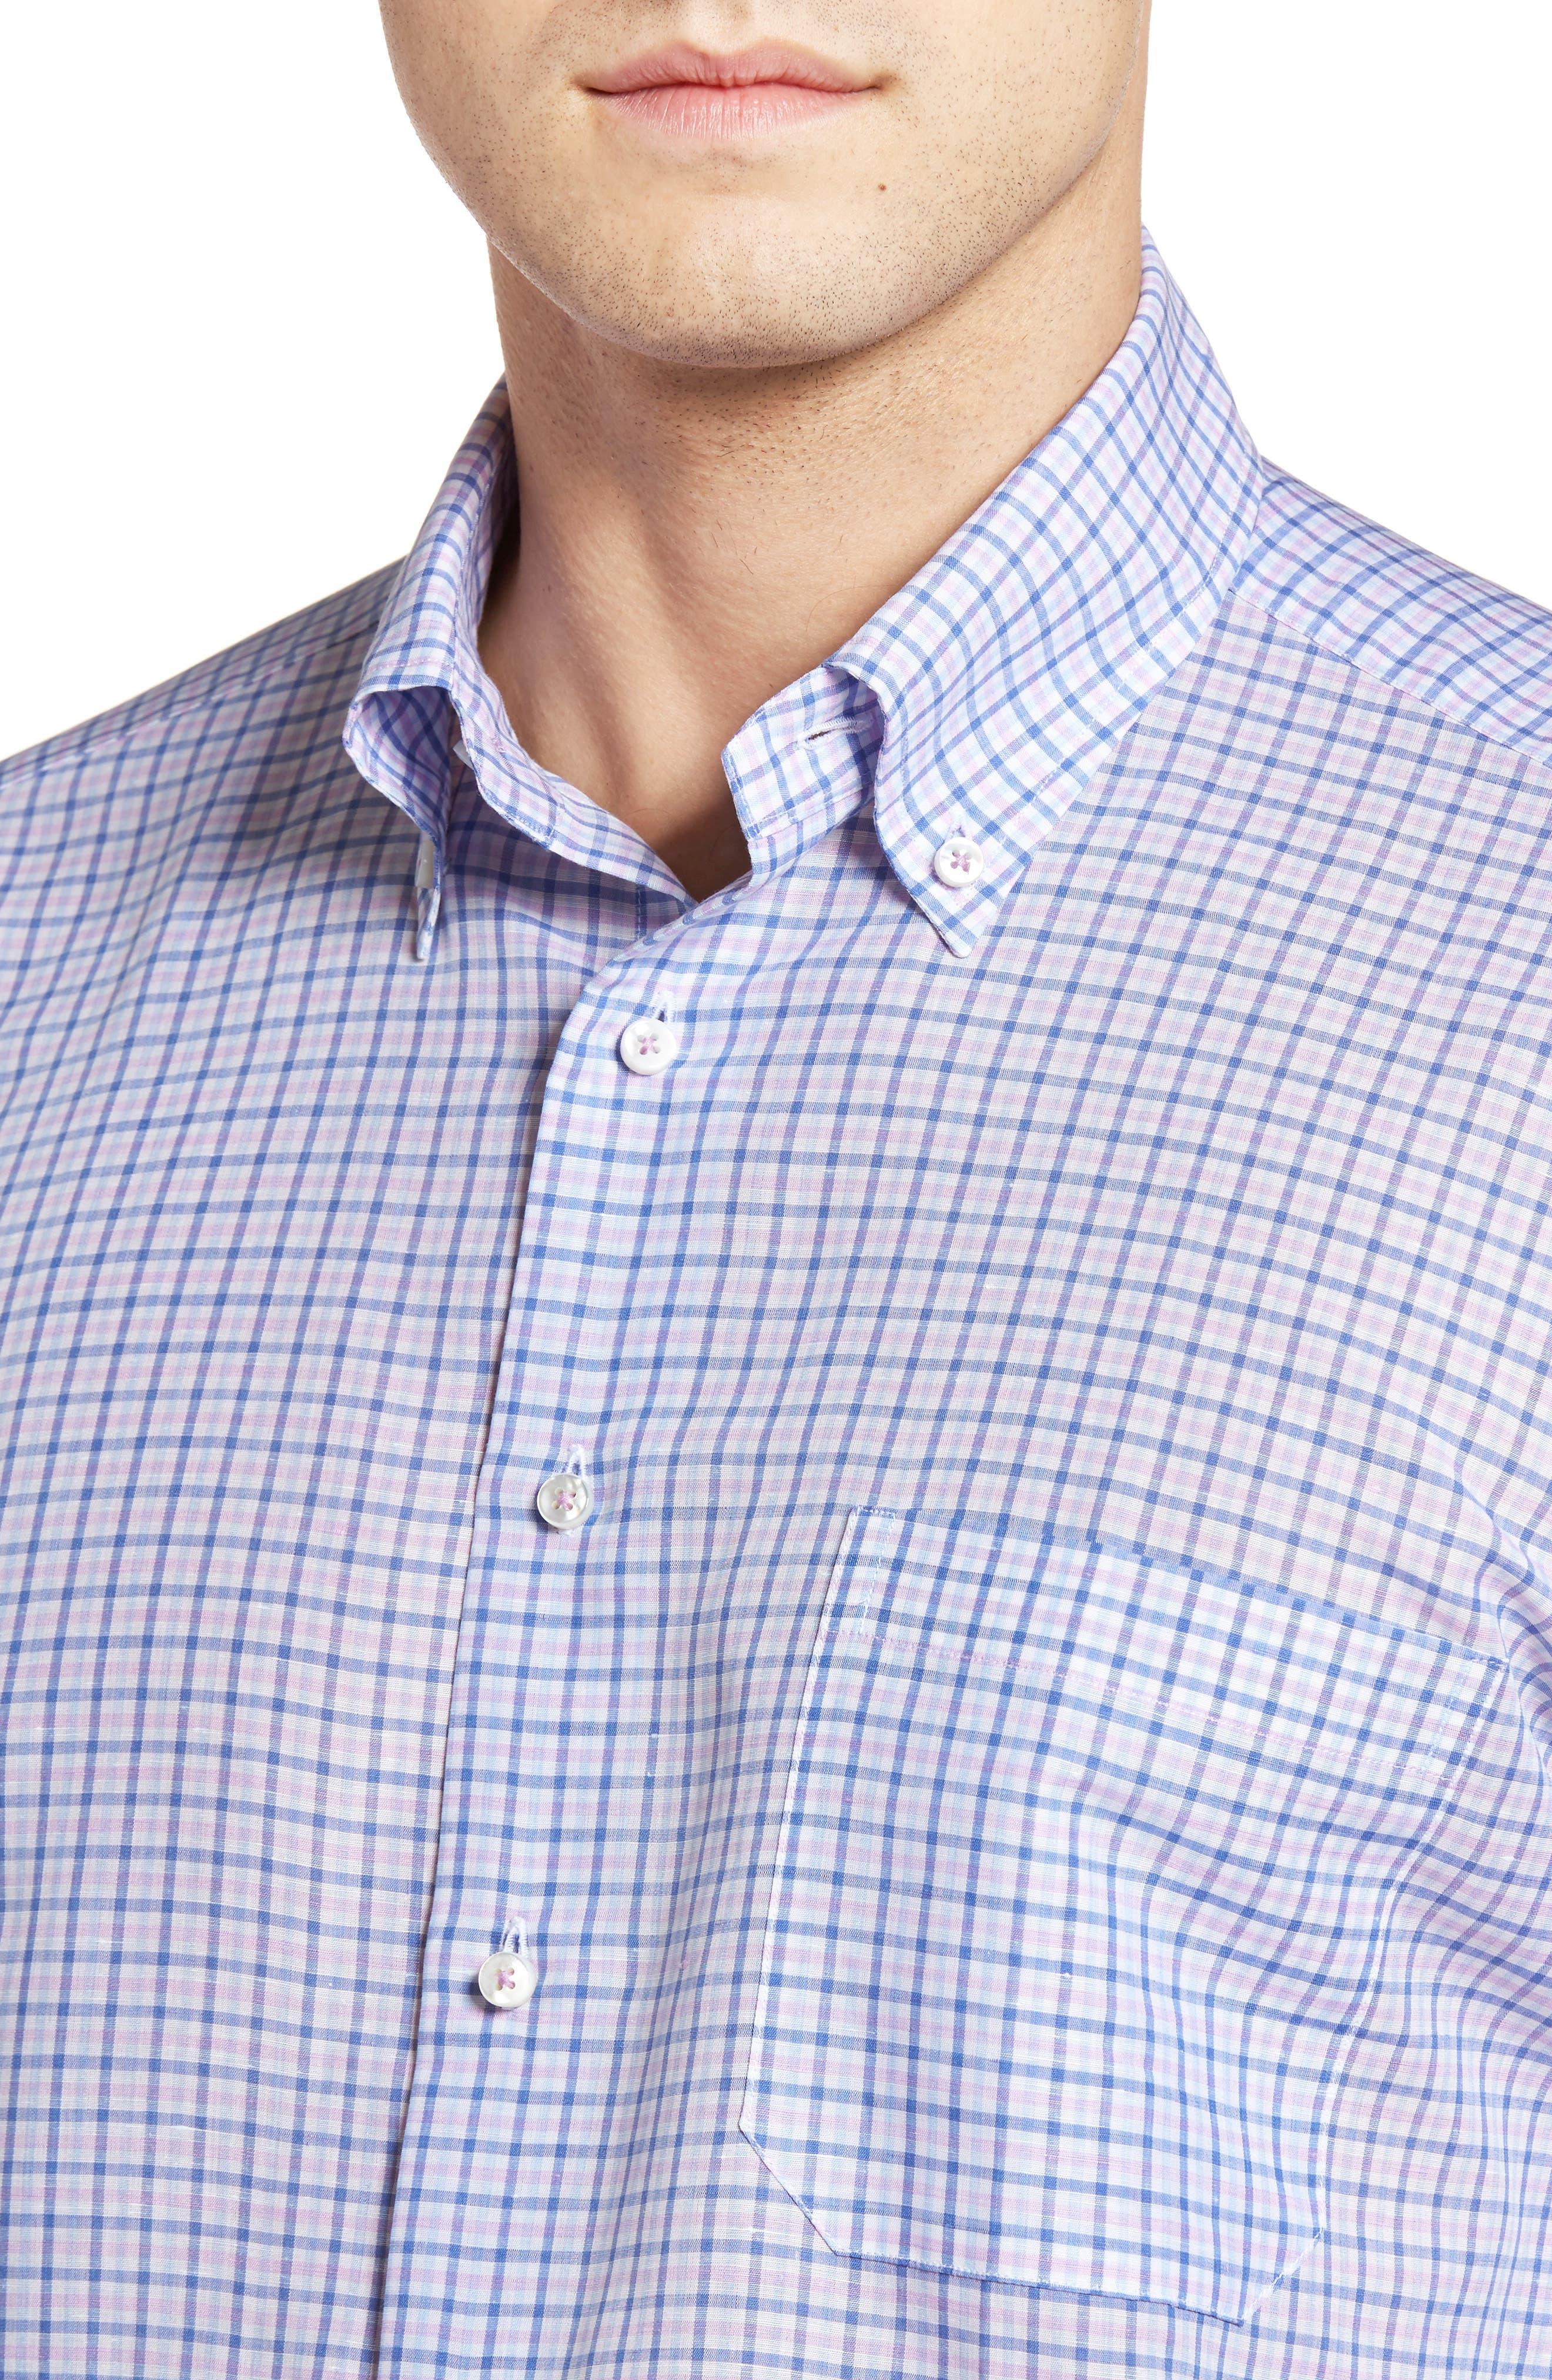 Estate Classic Fit Sport Shirt,                             Alternate thumbnail 4, color,                             540